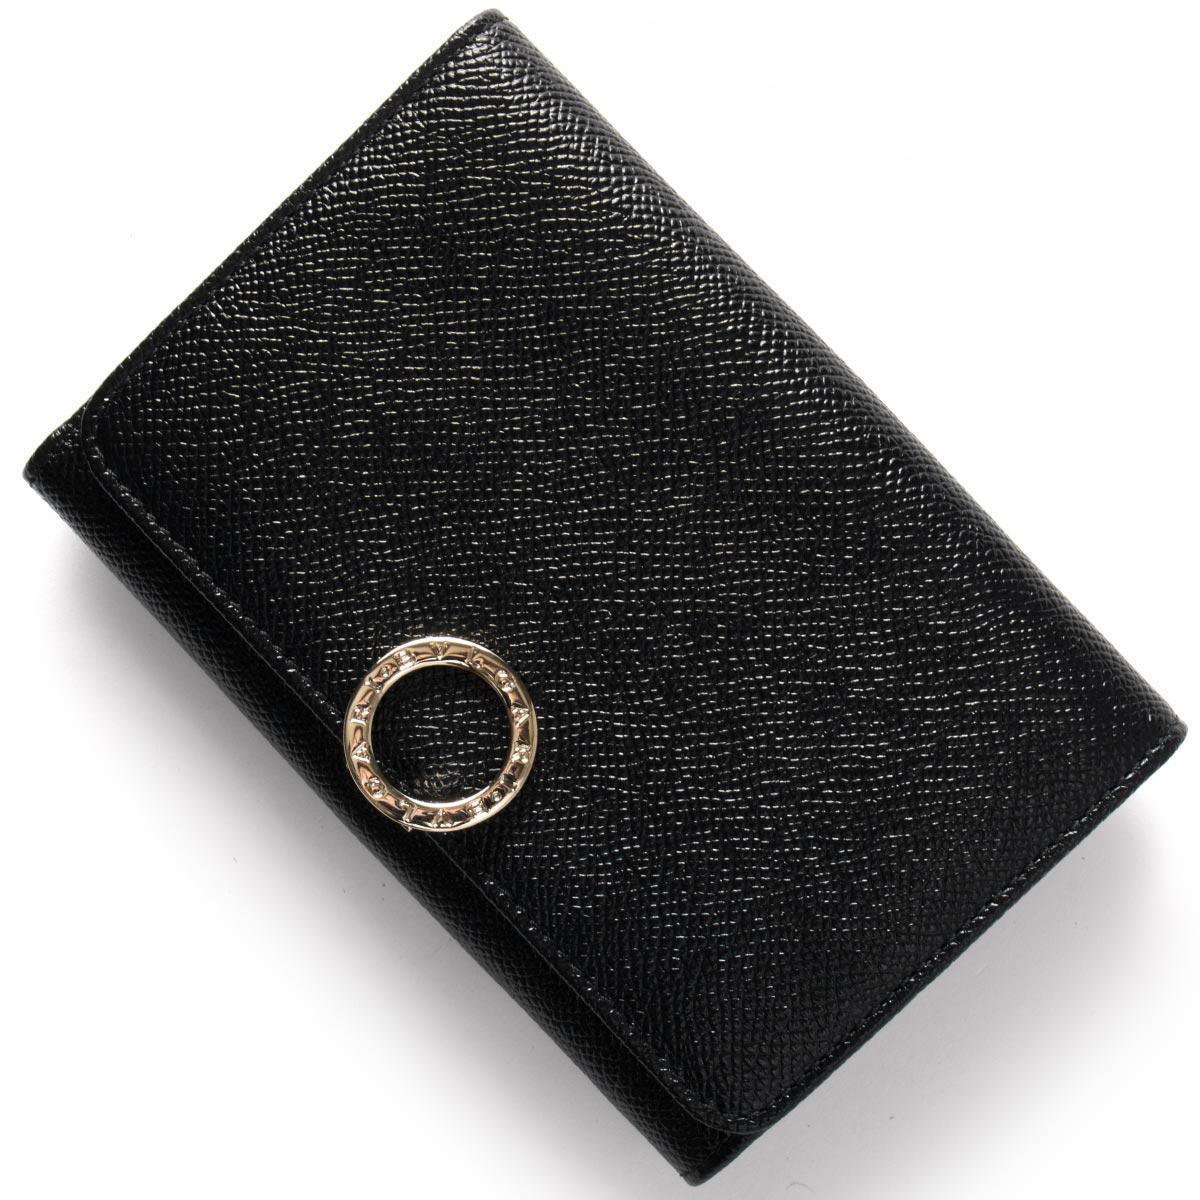 on sale d6582 ae5e7 ブルガリ 二つ折り財布 財布 レディース ブルガリブルガリ レザー ブラック 280555 BVLGARI